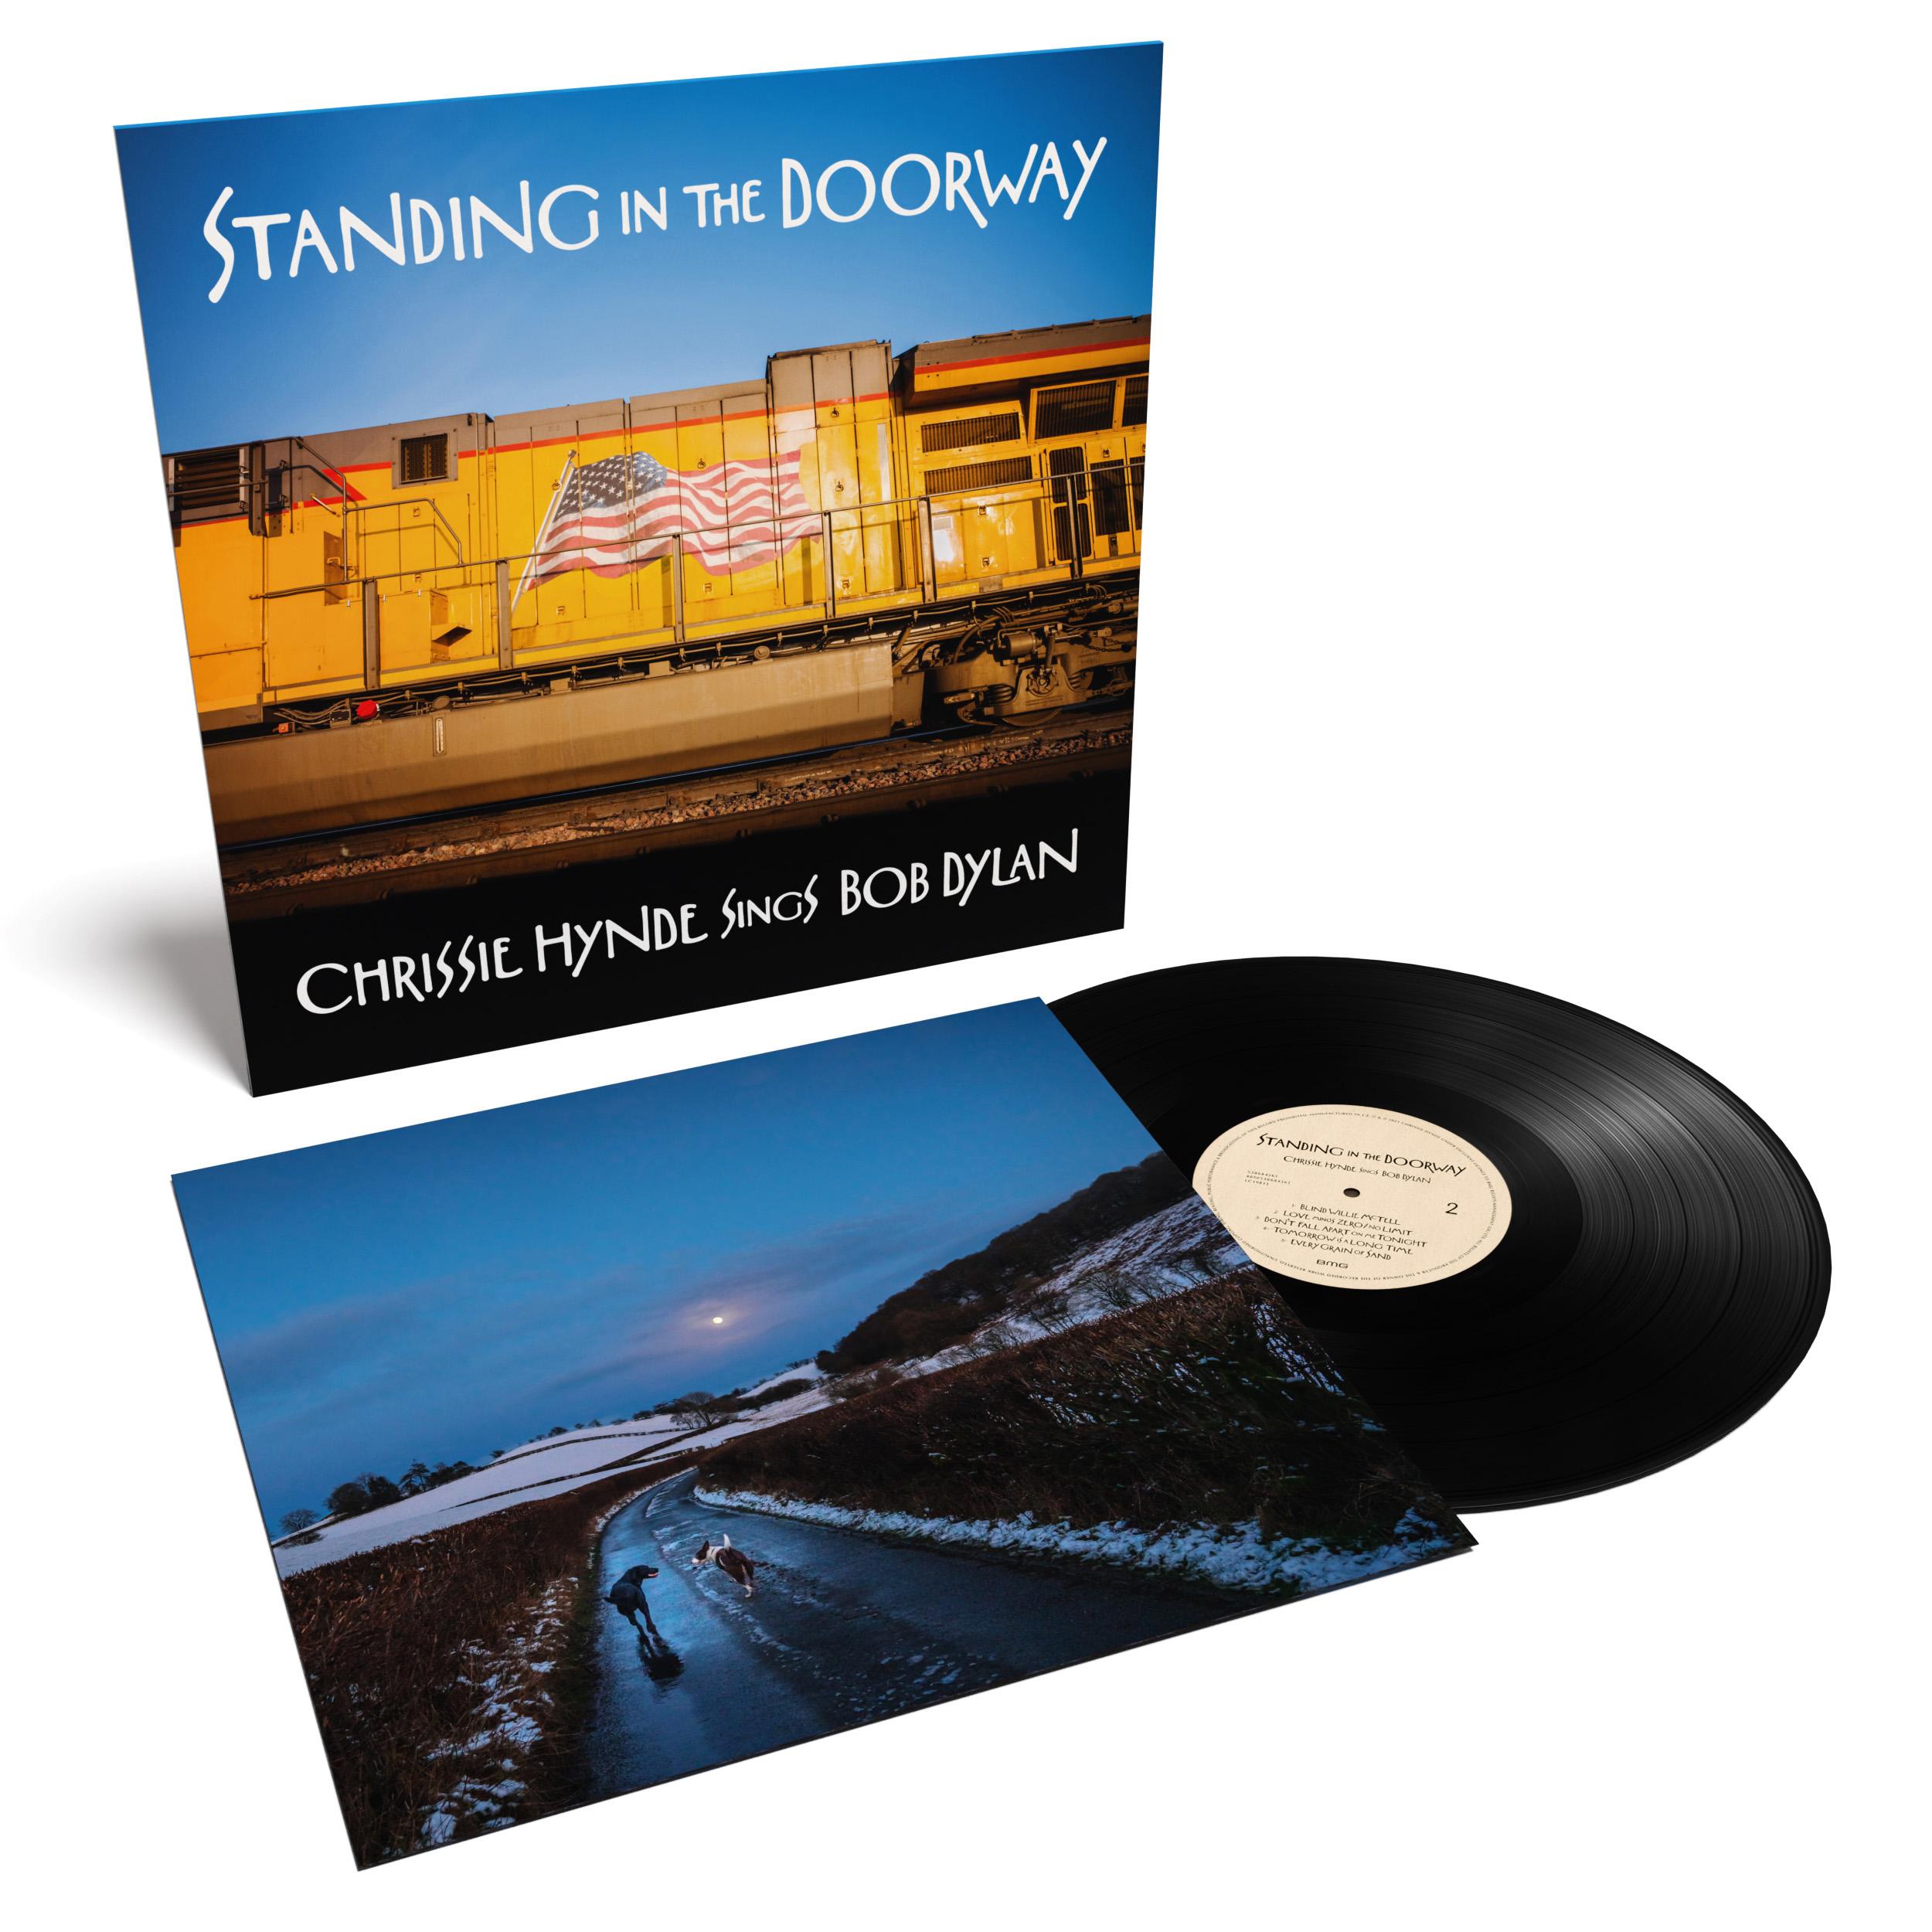 Buy Online Chrissie Hynde - Standing in the Doorway: Chrissie Hynde Sings Bob Dylan (Vinyl)